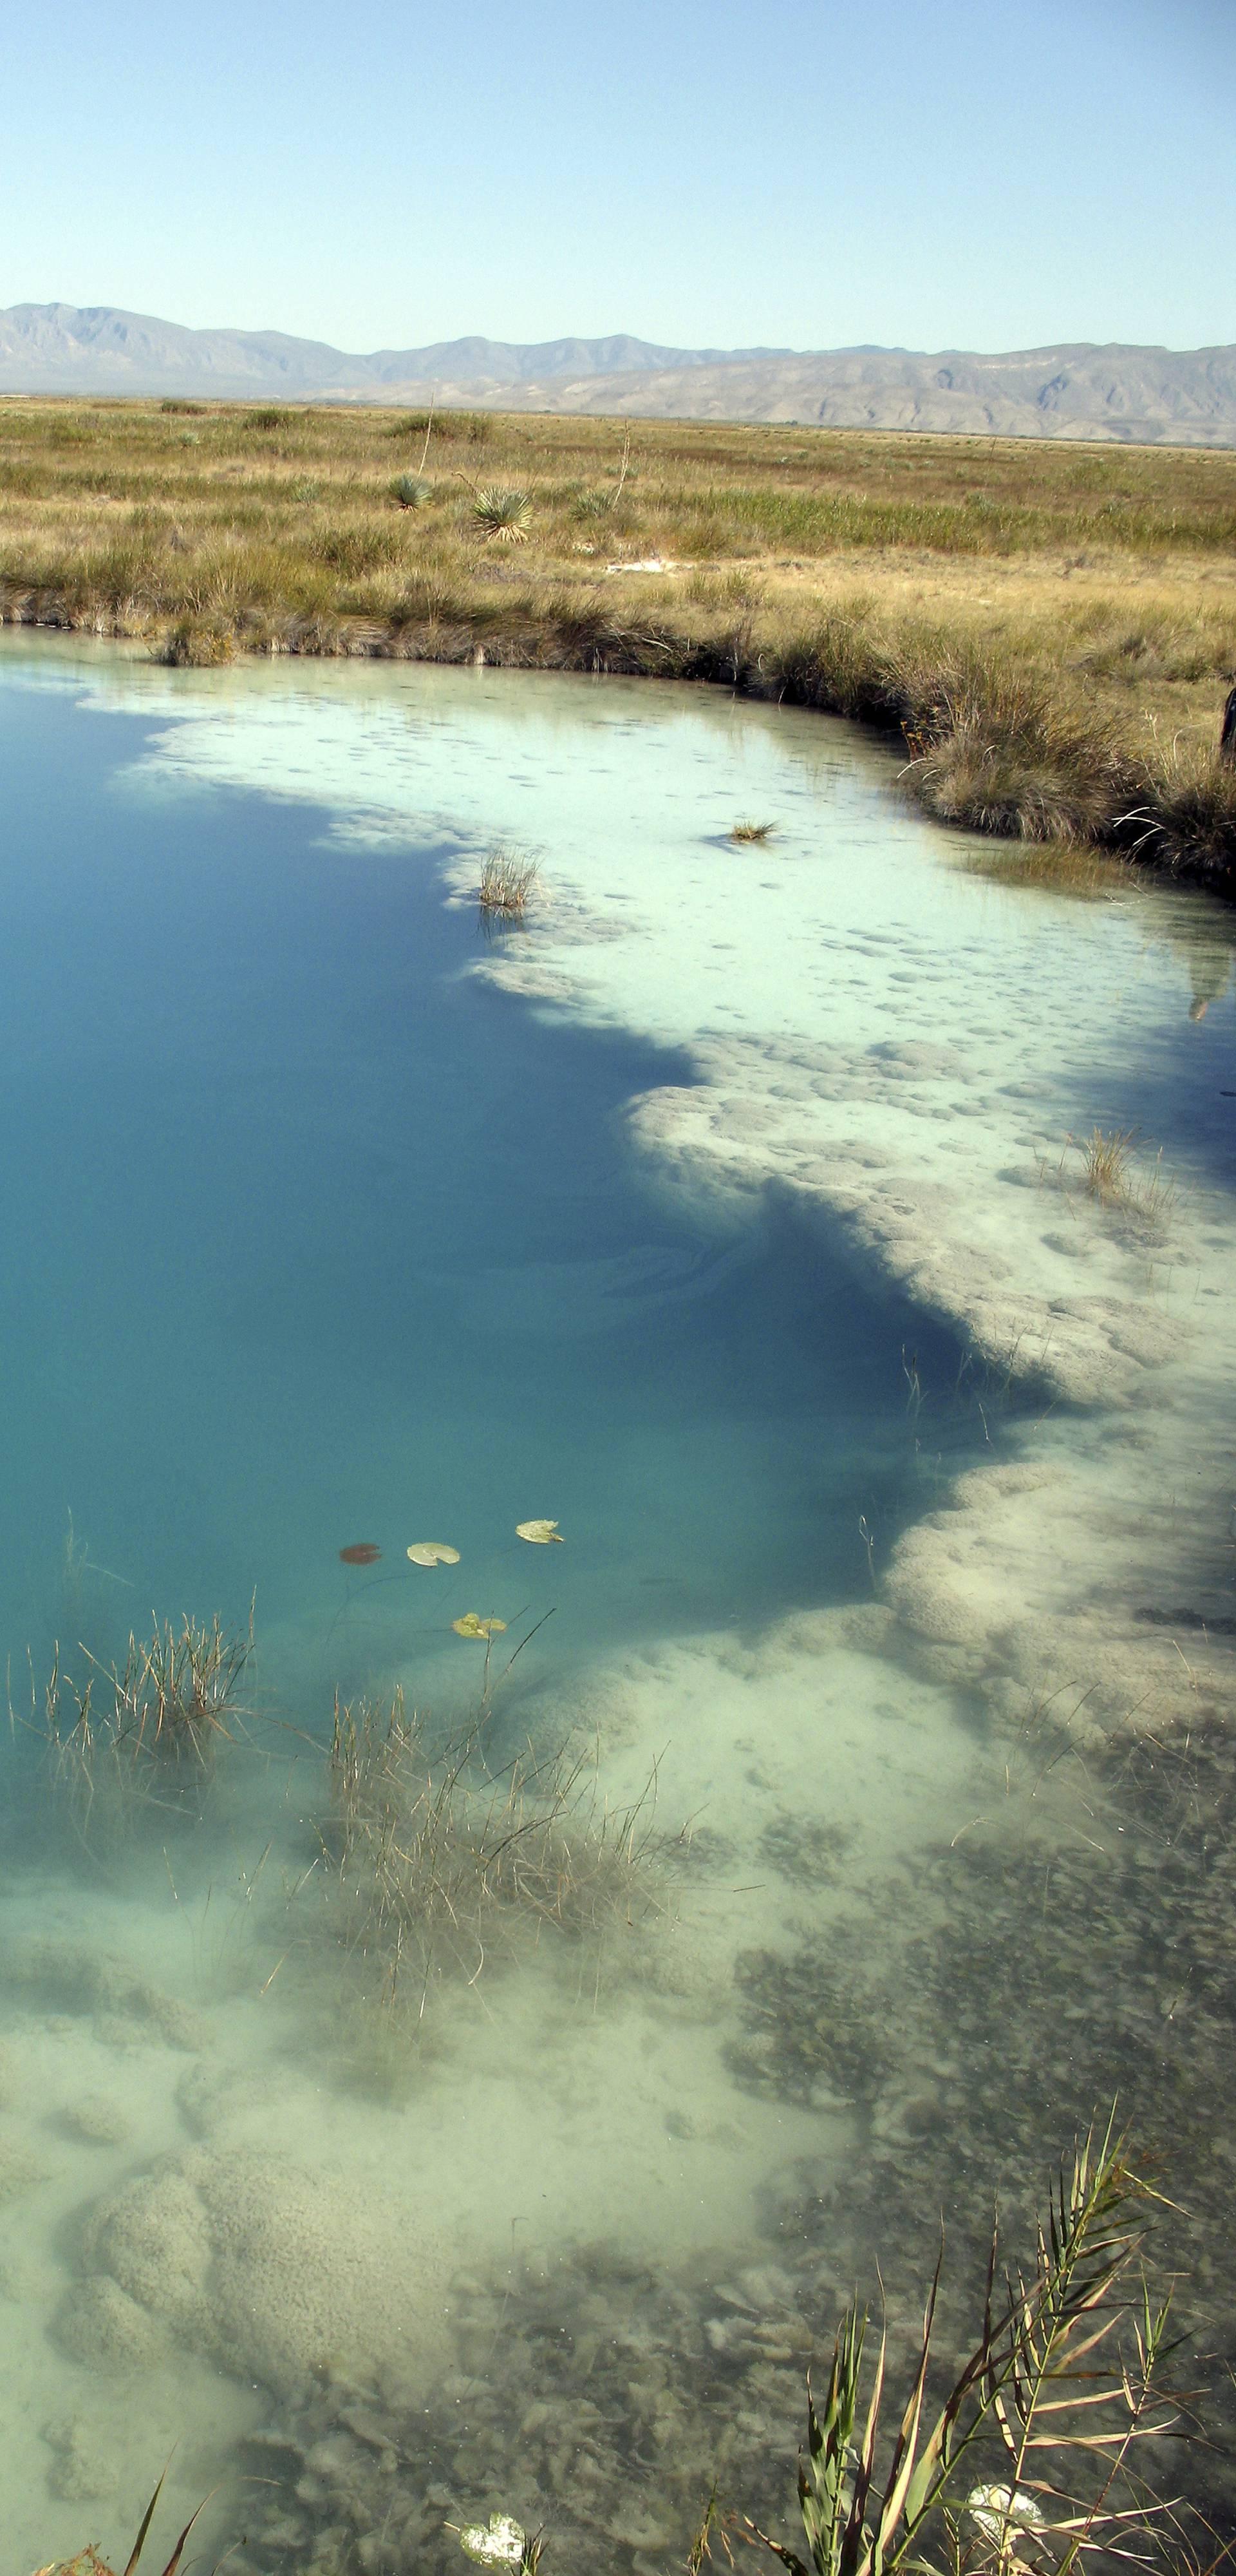 Zaljev u meksičkoj pustinji čudo je prirode i dio stare povijesti...